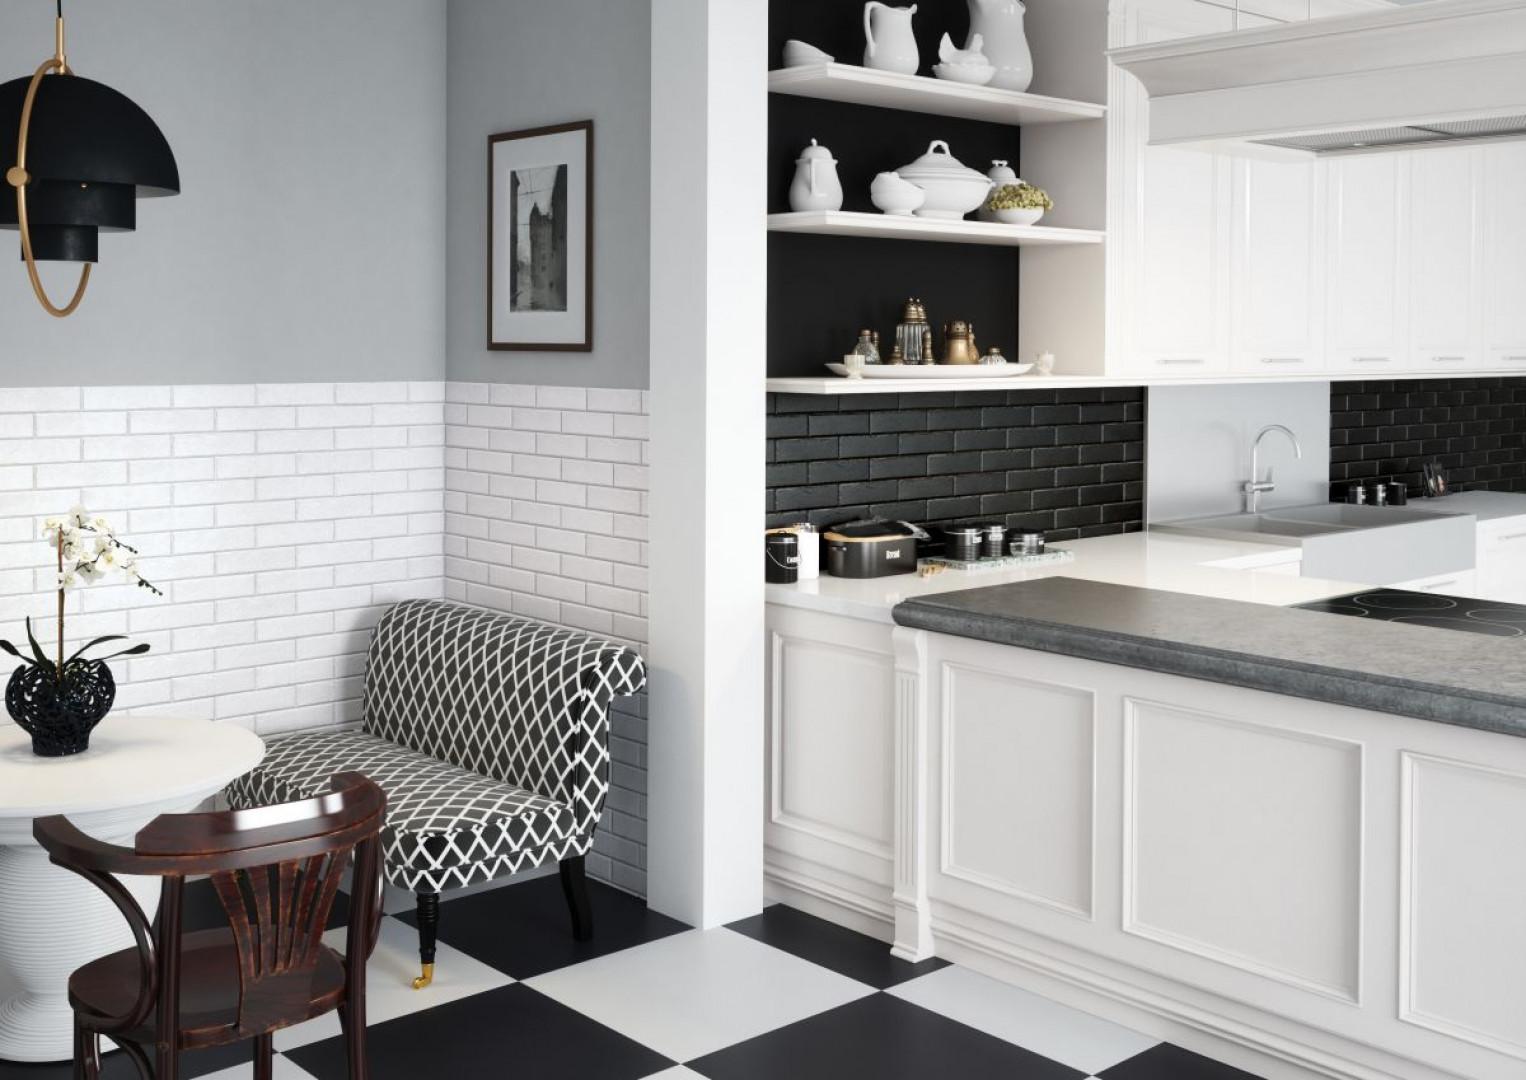 Płytki klinkierowe są jednym ze sposobów wykończenia ścianki przyblatowej w kuchni. Fot. Cerrad